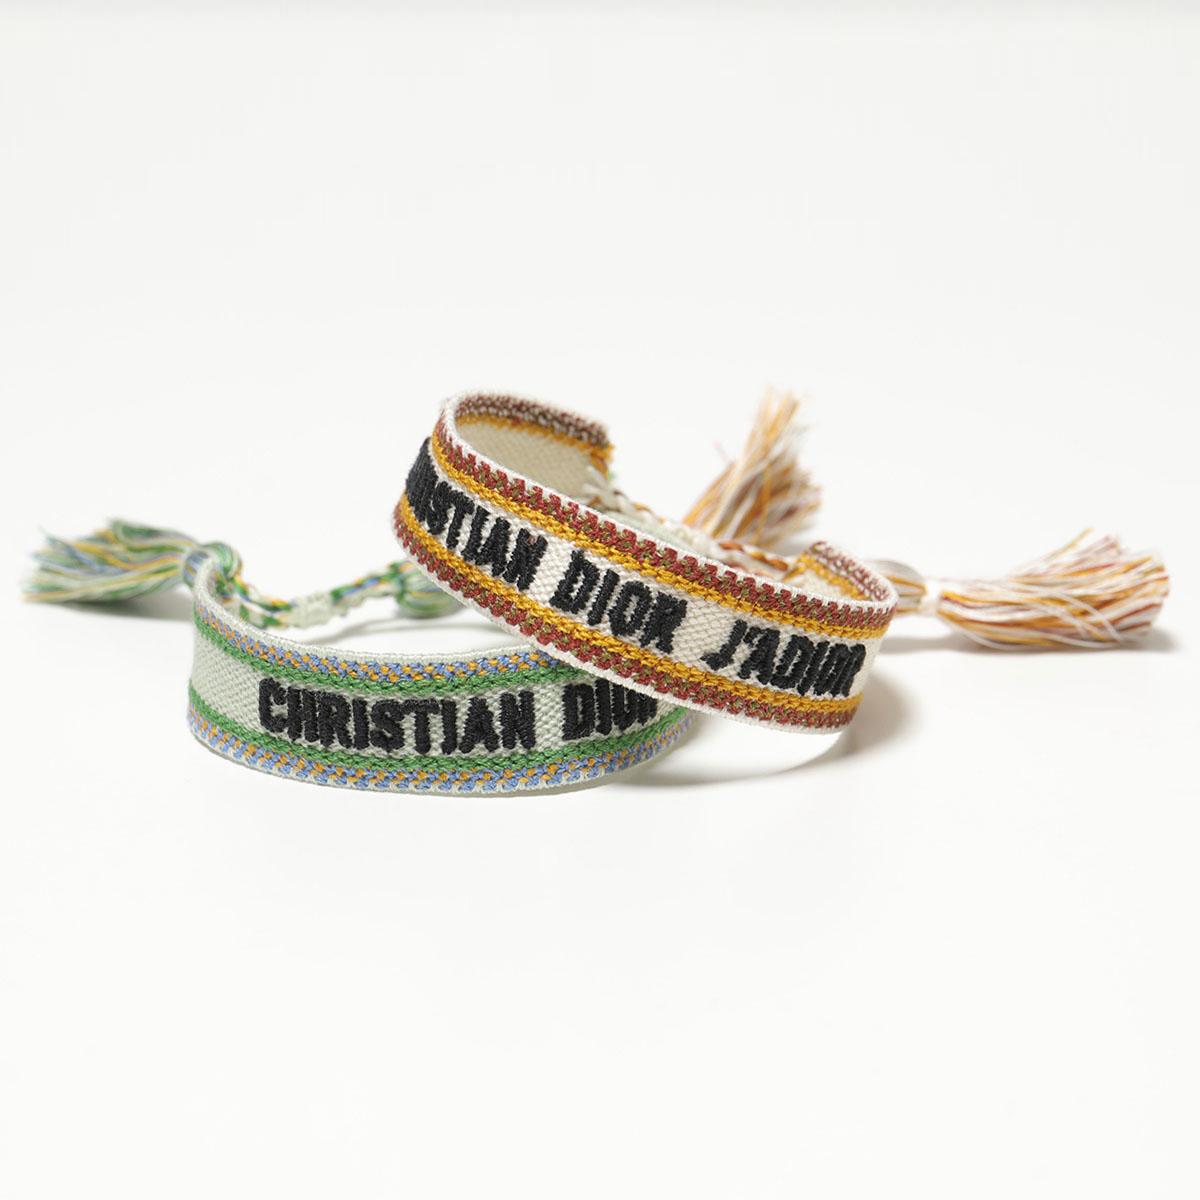 【1,000円OFFクーポン対象!4月1日限定】Dior ディオール B0961 ADRCO 696U ADR Textile J'Adior Bracelet ブレスレット ミサンガ 2点セット 696/Green-Nude レディース